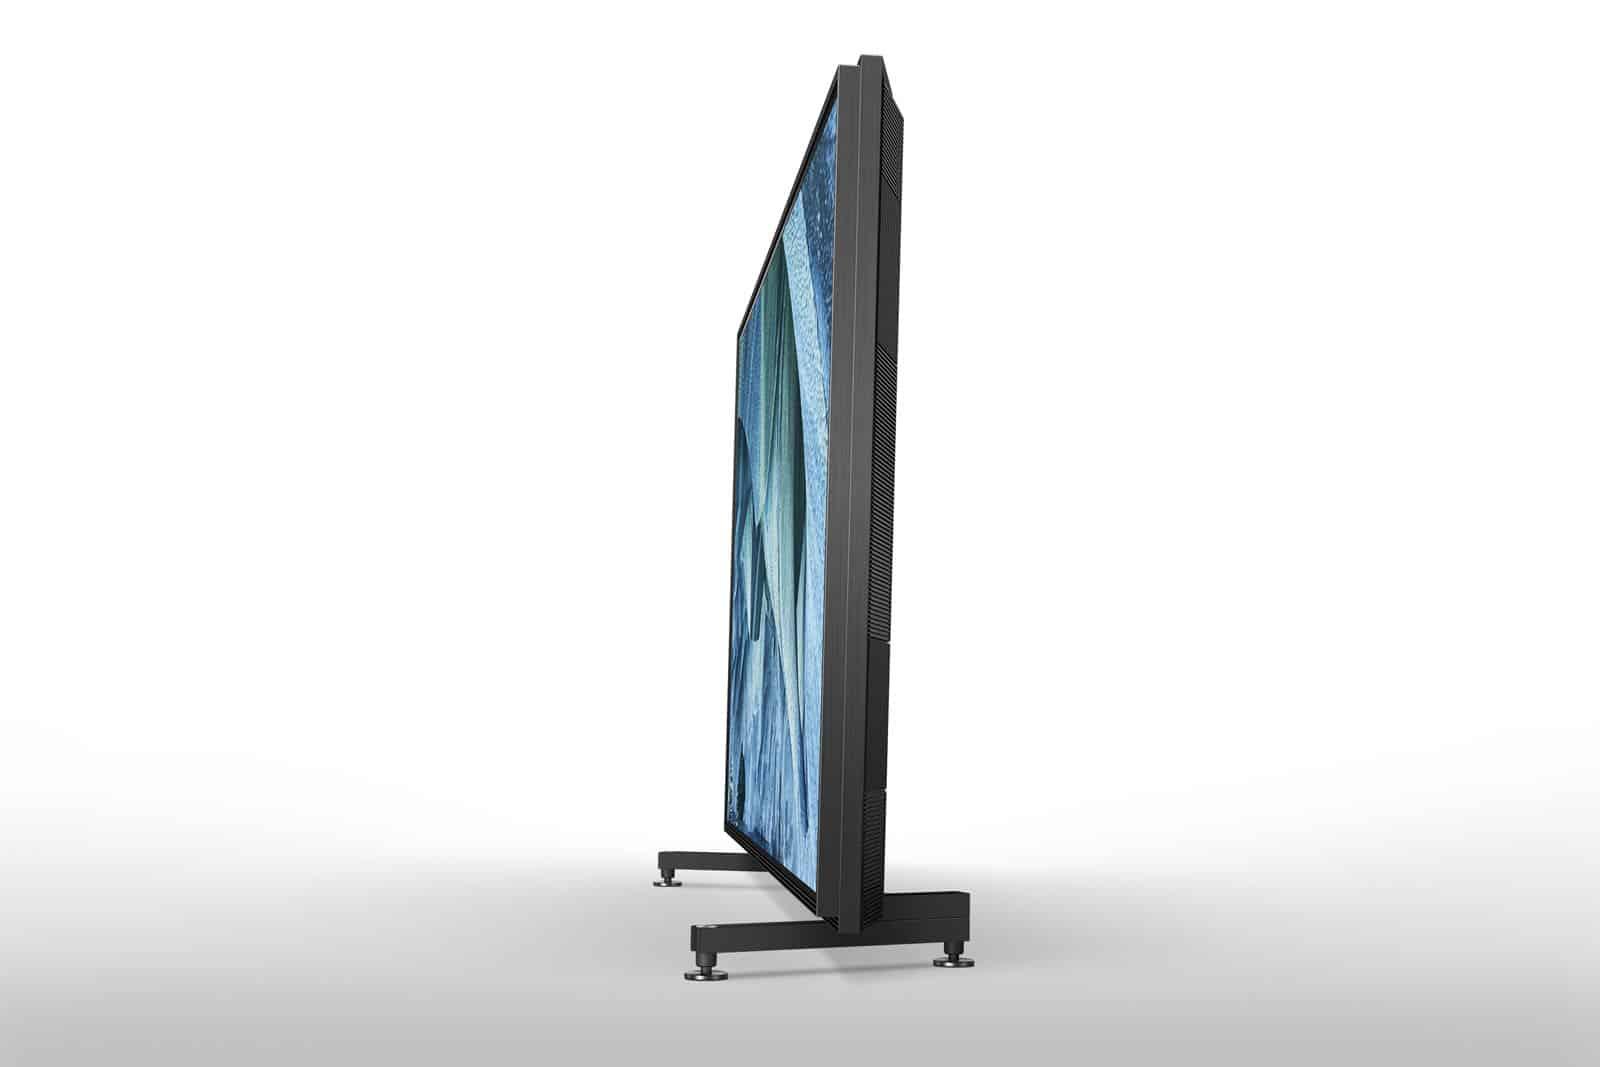 Sony Z9G 8K TV CES 2